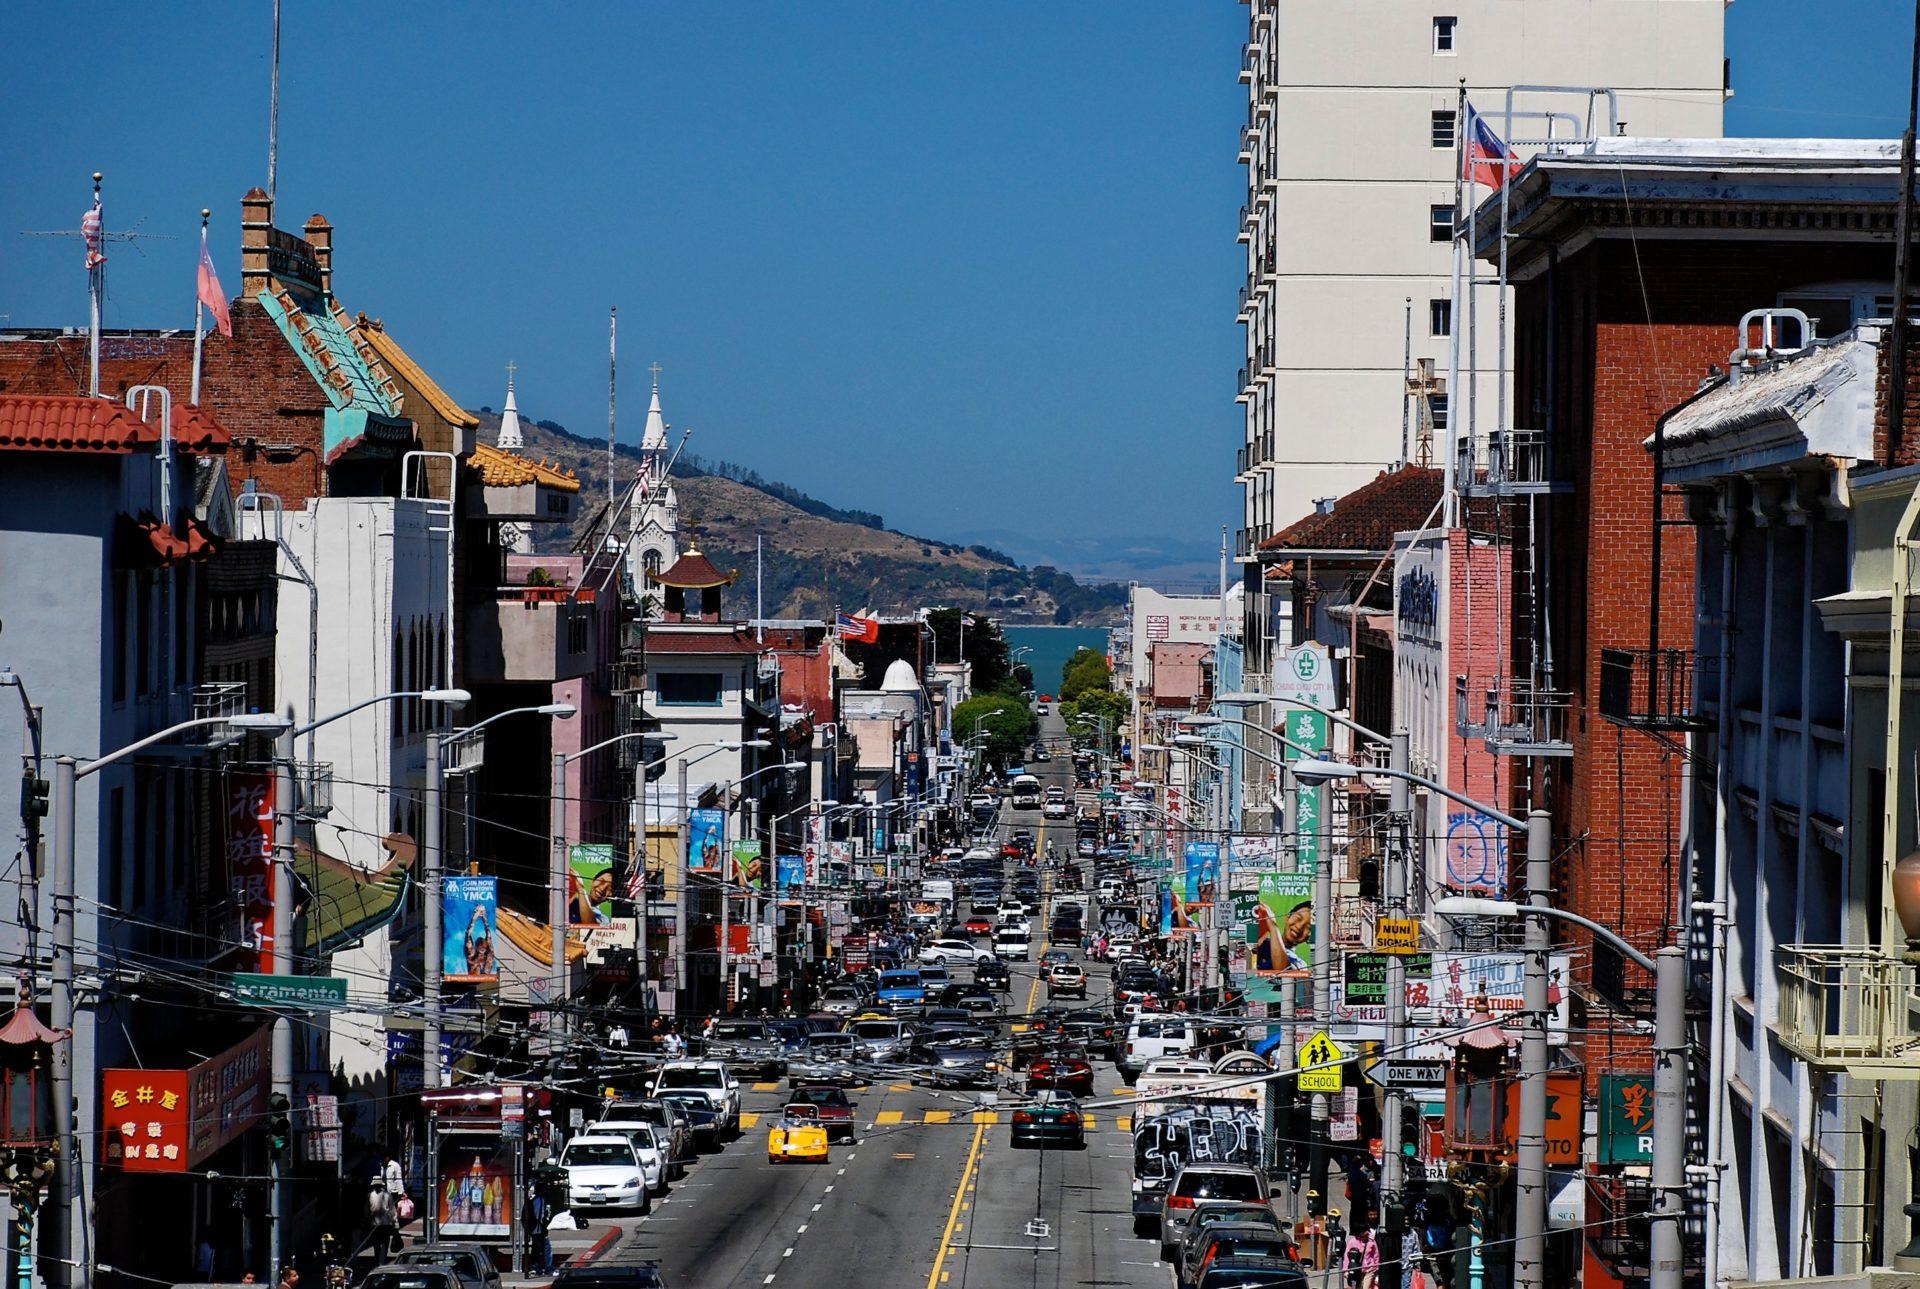 Chinatown - San Francisco - Kalifornien